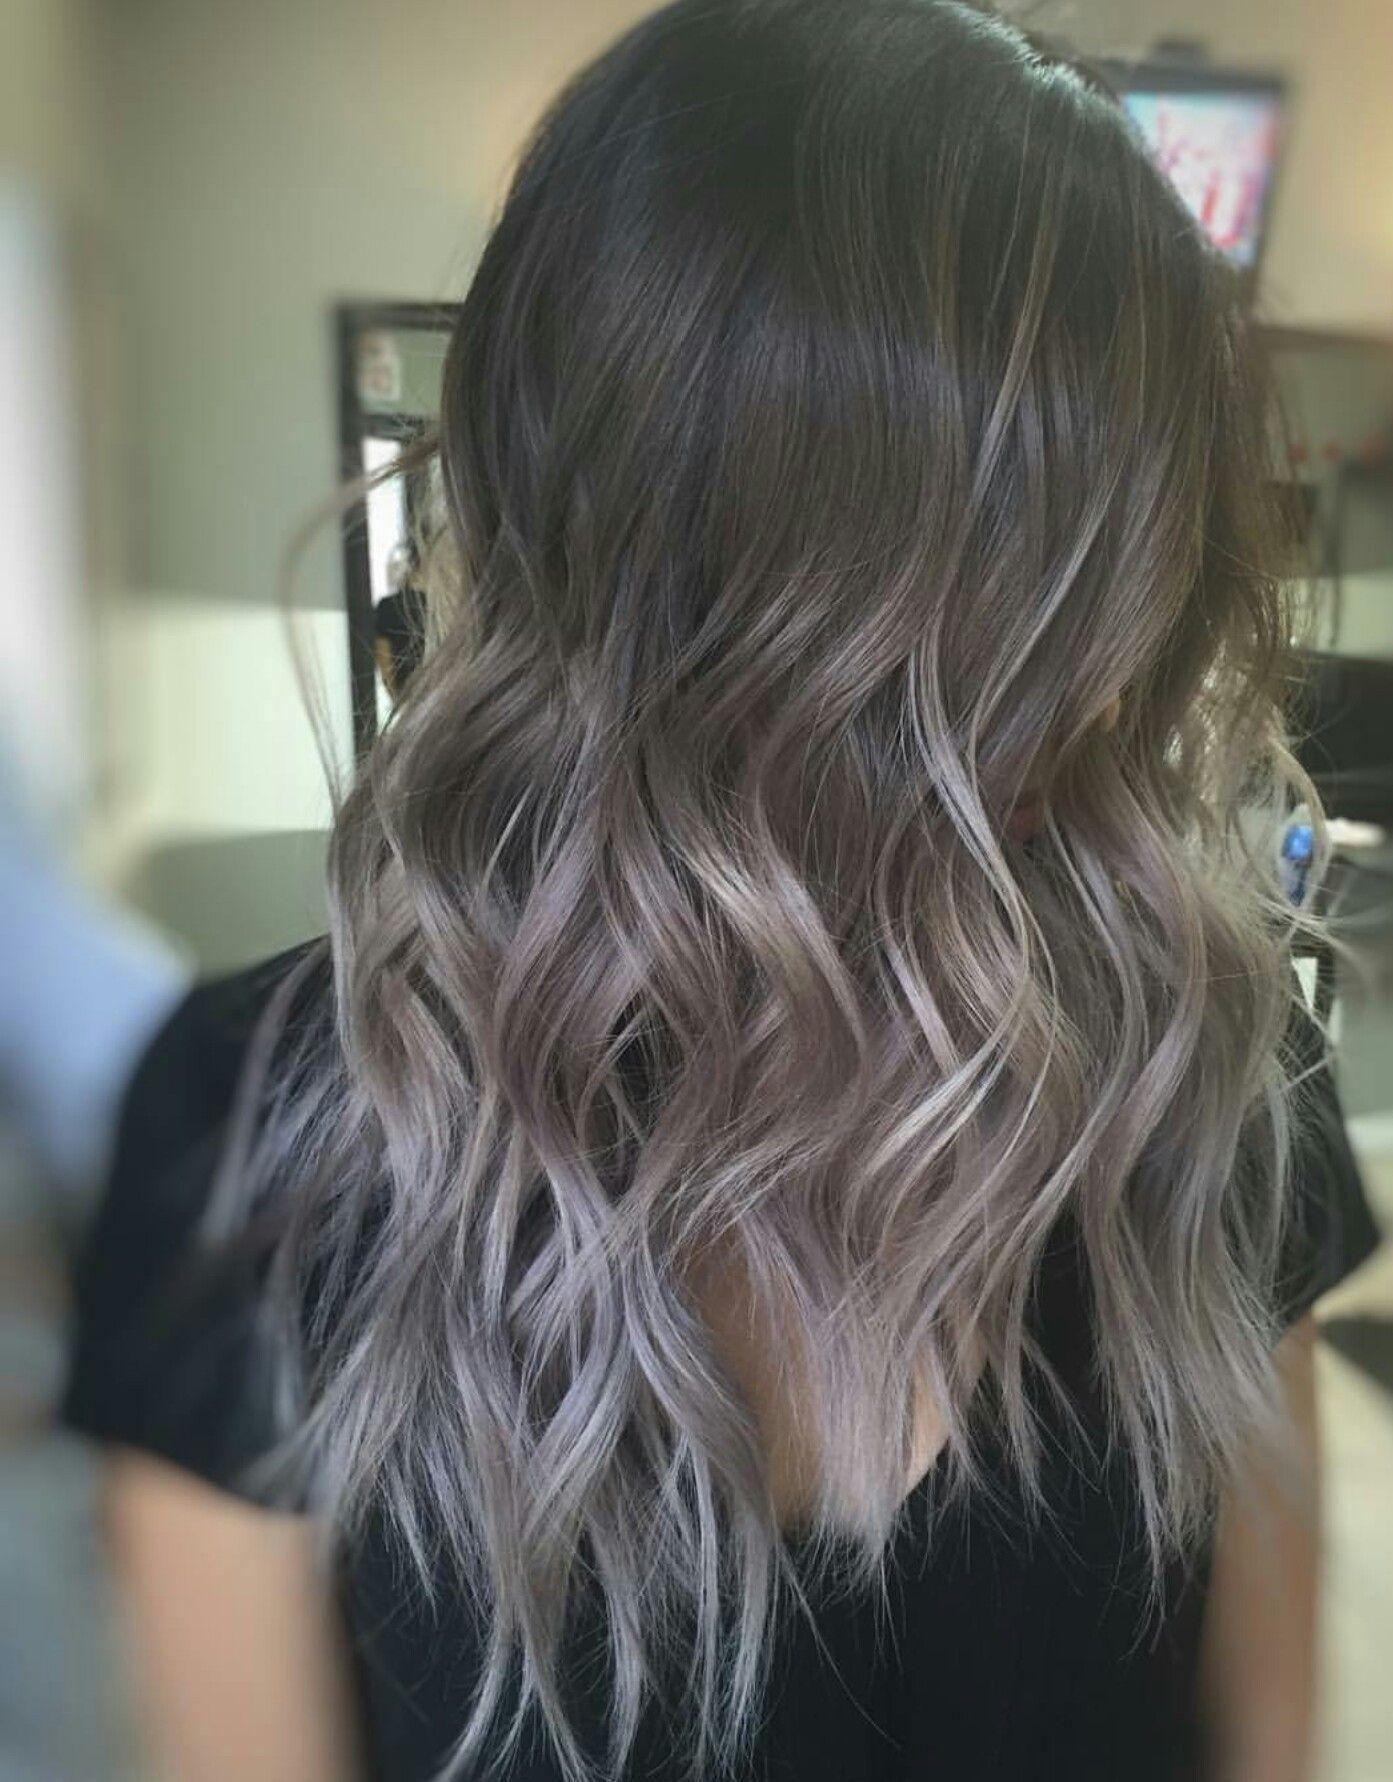 Frische Frisuren Farben - Neu Frisuren 8  Hair inspiration